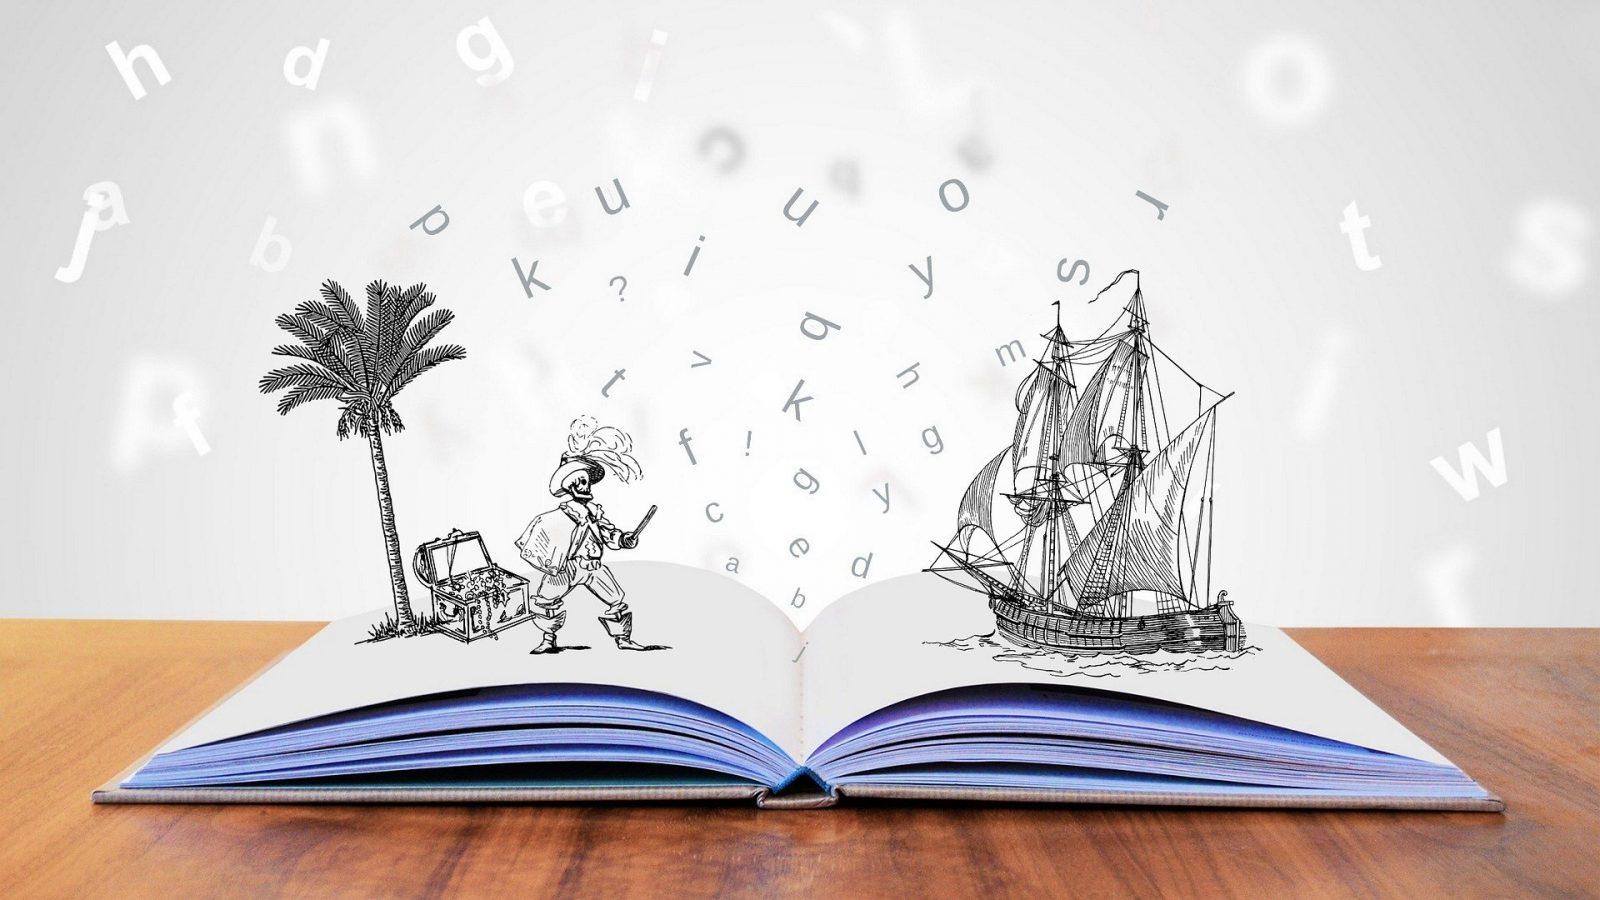 illustration slaon du livre